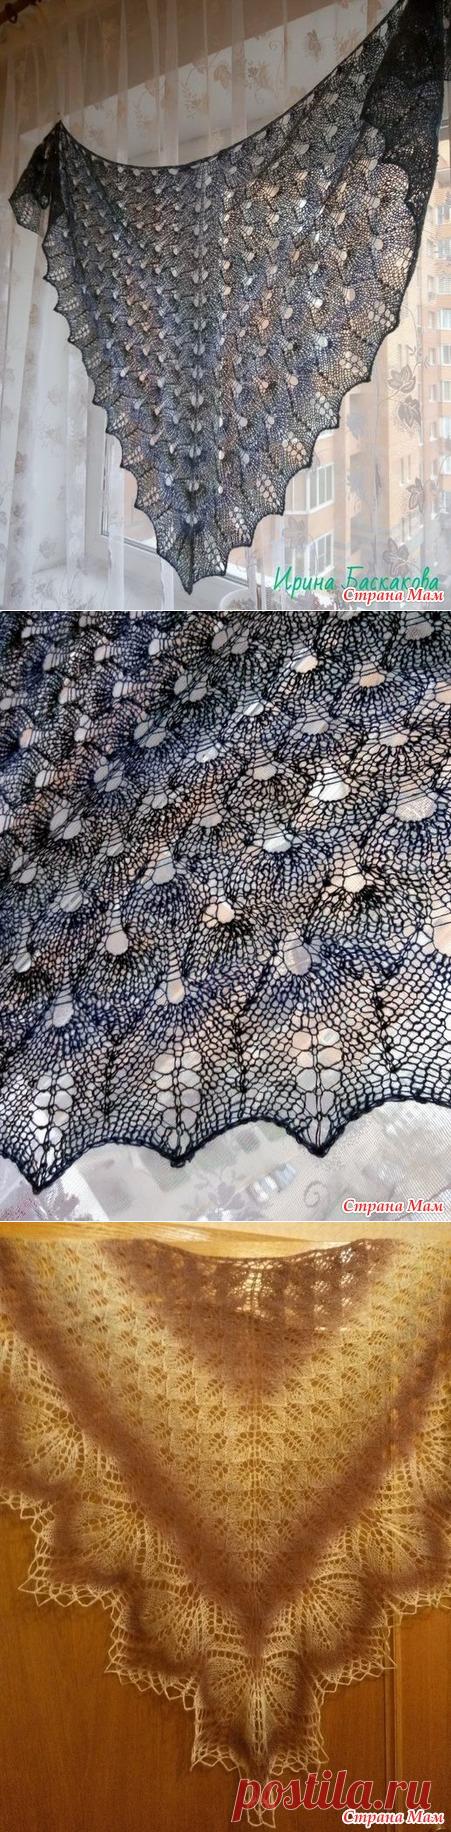 дома шаль крылья голубки фото солистом оркестра